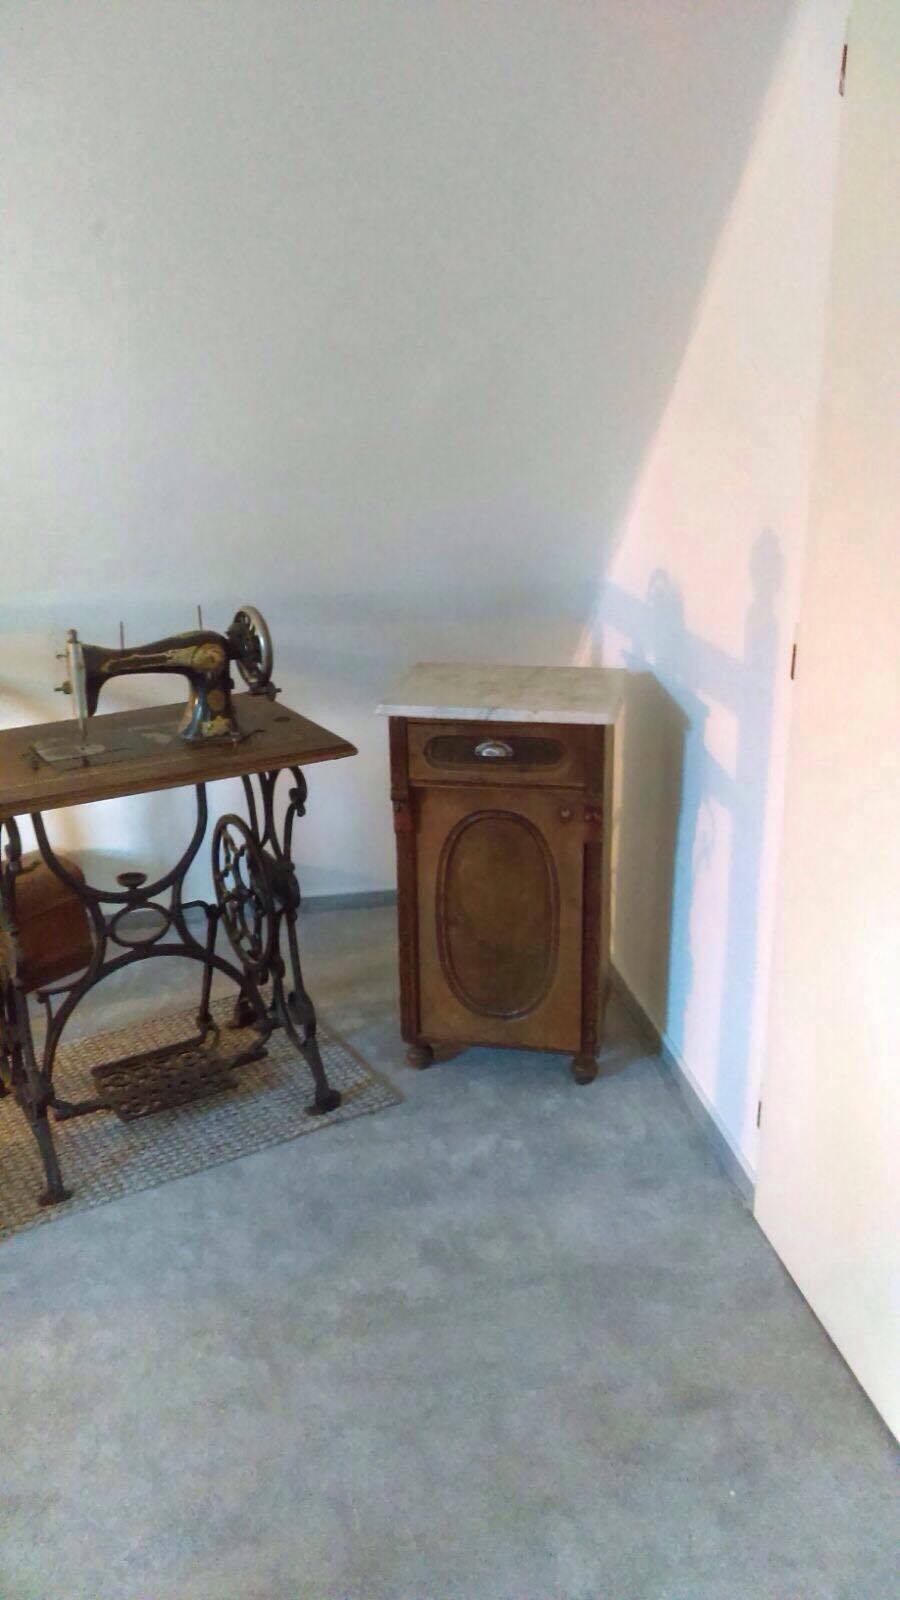 Remont pokoju dla przebierania - kącik historyczny